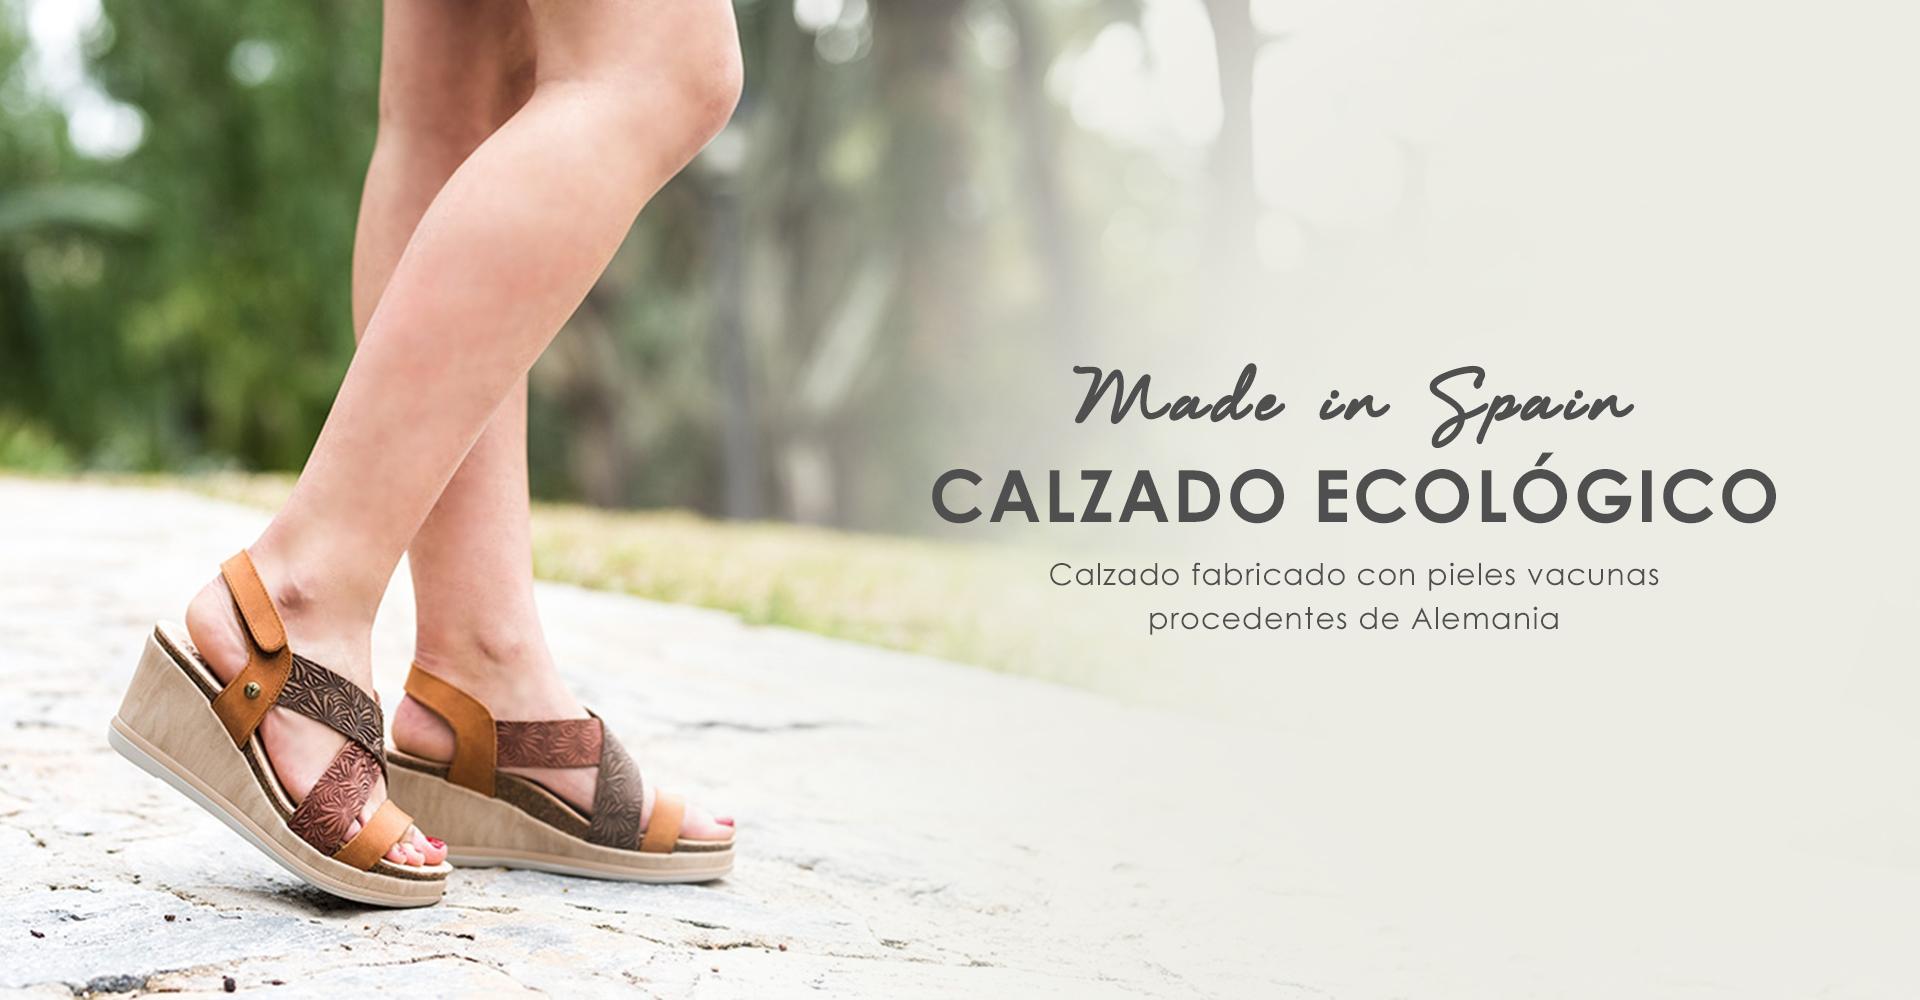 1aad16dee ZAPATOS CÓMODOS Y ECOLÓGICOS MARTÍN NATUR - Catálogo de productos –  ZAPATERÍA ELCHE CALZADO  ALERGIA-CROMO en Bajo Vinalopo.portaldetuciudad.com